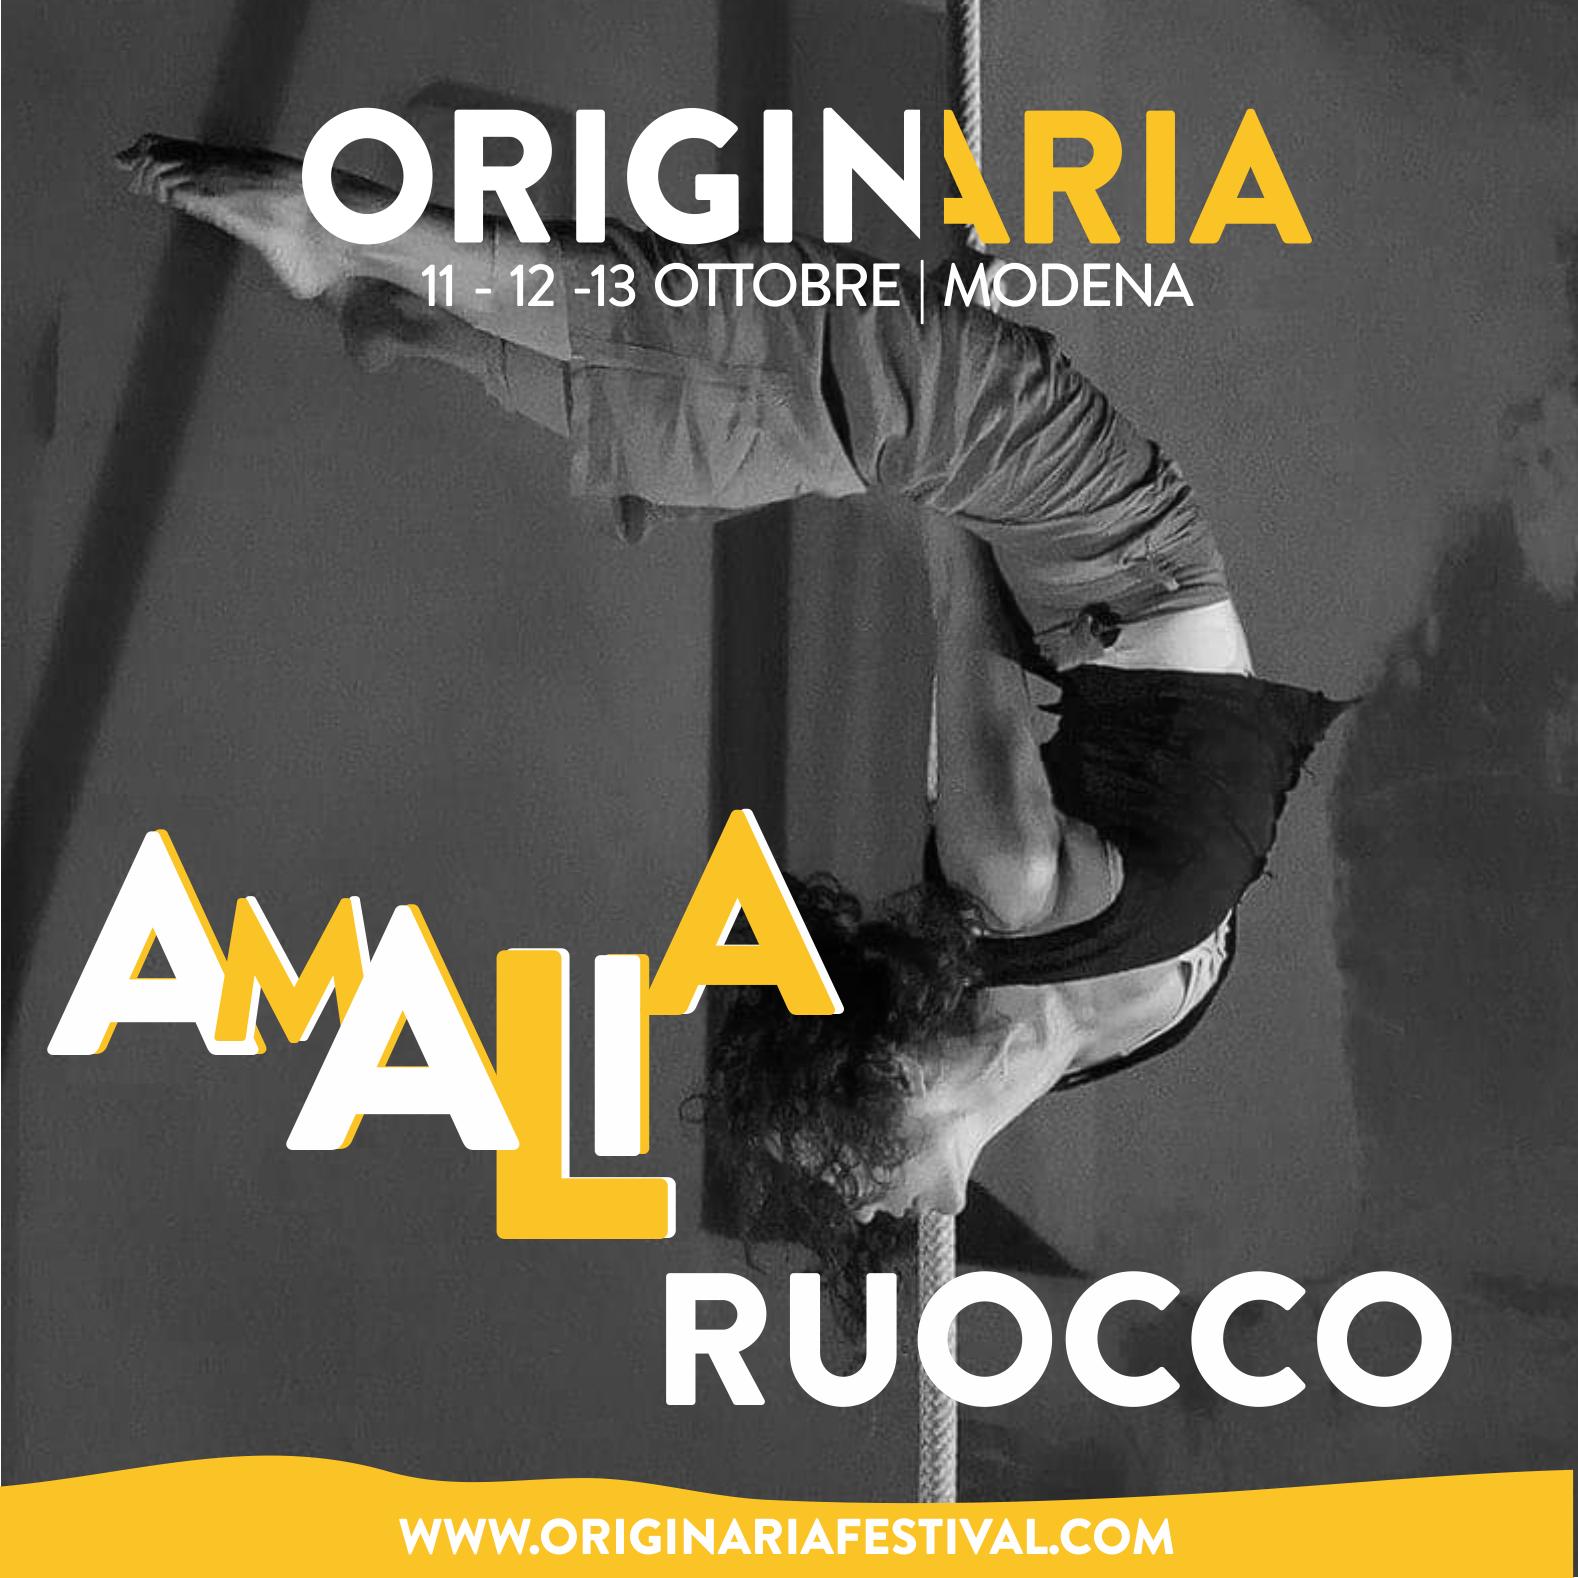 Amalia Ruocco OriginAria Festival